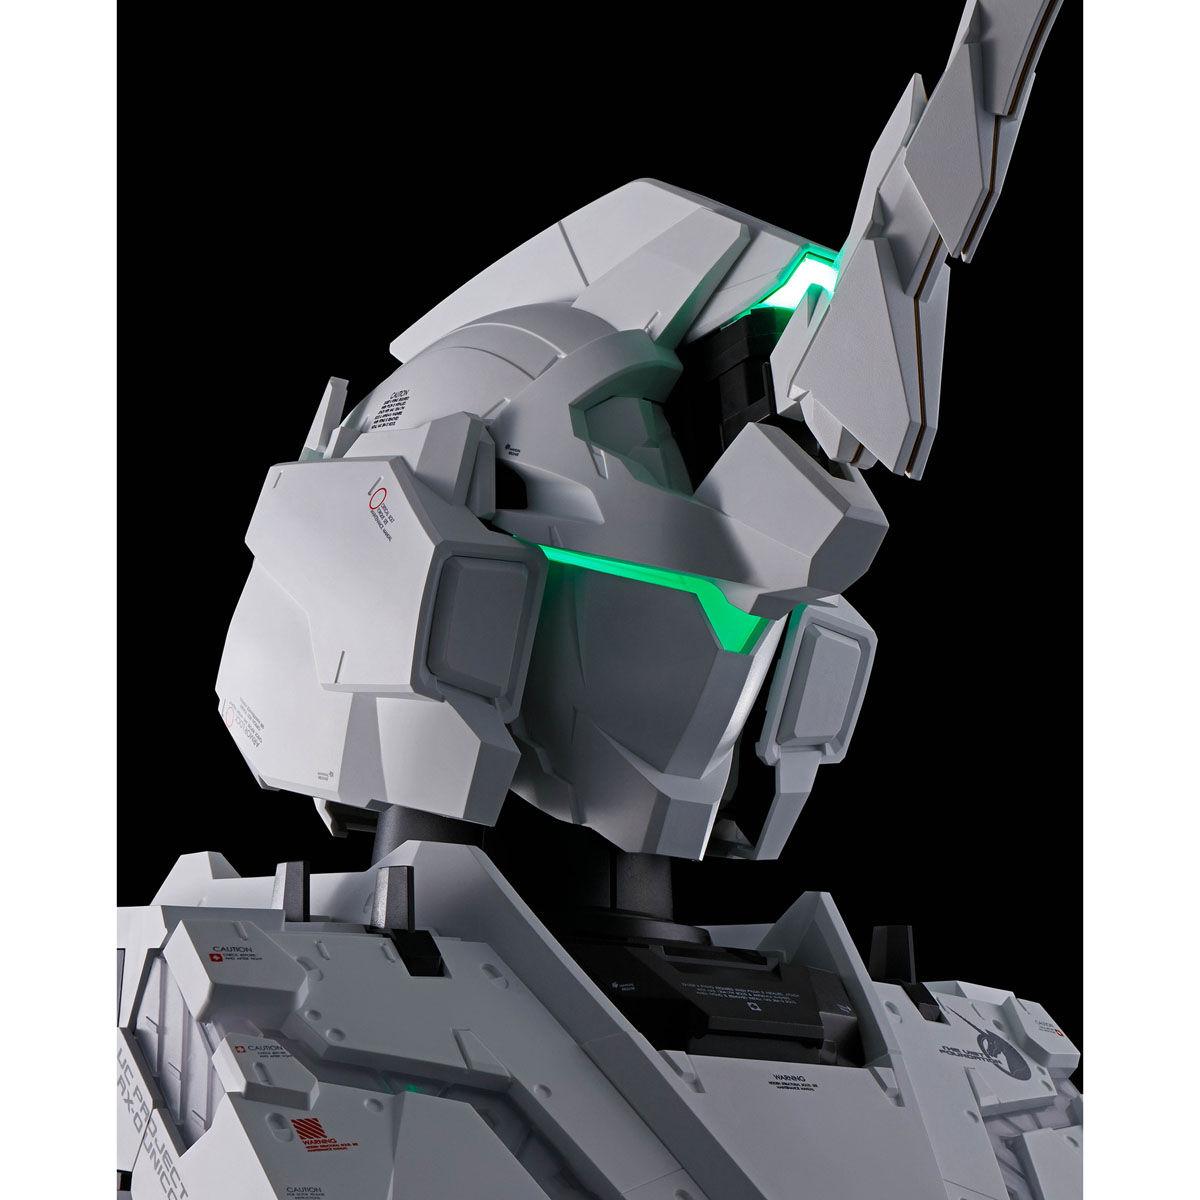 【限定販売】REAL EXPERIENCE MODEL『RX-0 ユニコーンガンダム(AUTO-TRANS edition)』ガンダムUC プラモデル-005